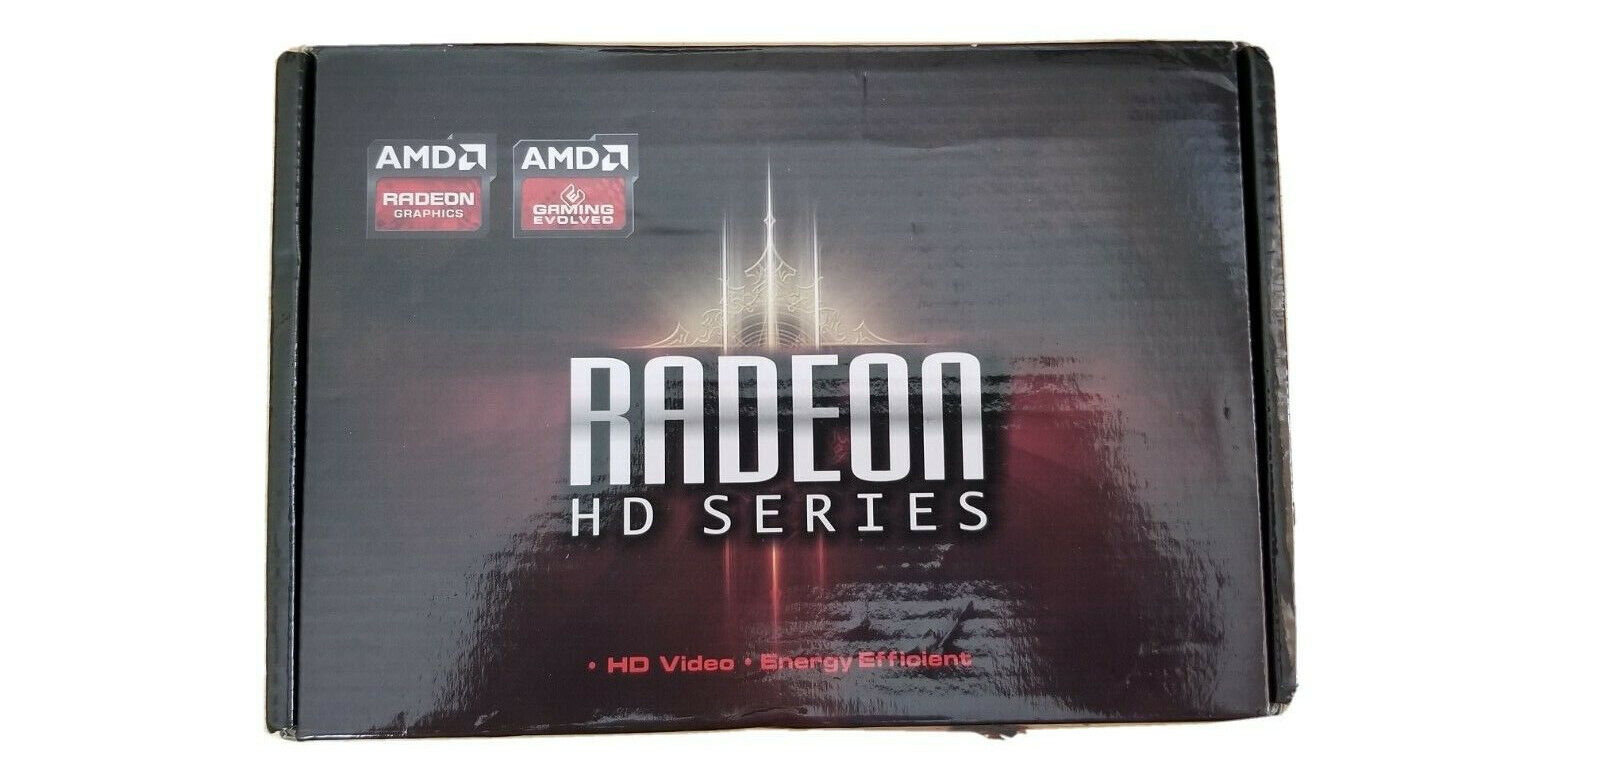 AMD HD7670 DDR5 4GB VGA HDMI DVI GRAPHIC CARD